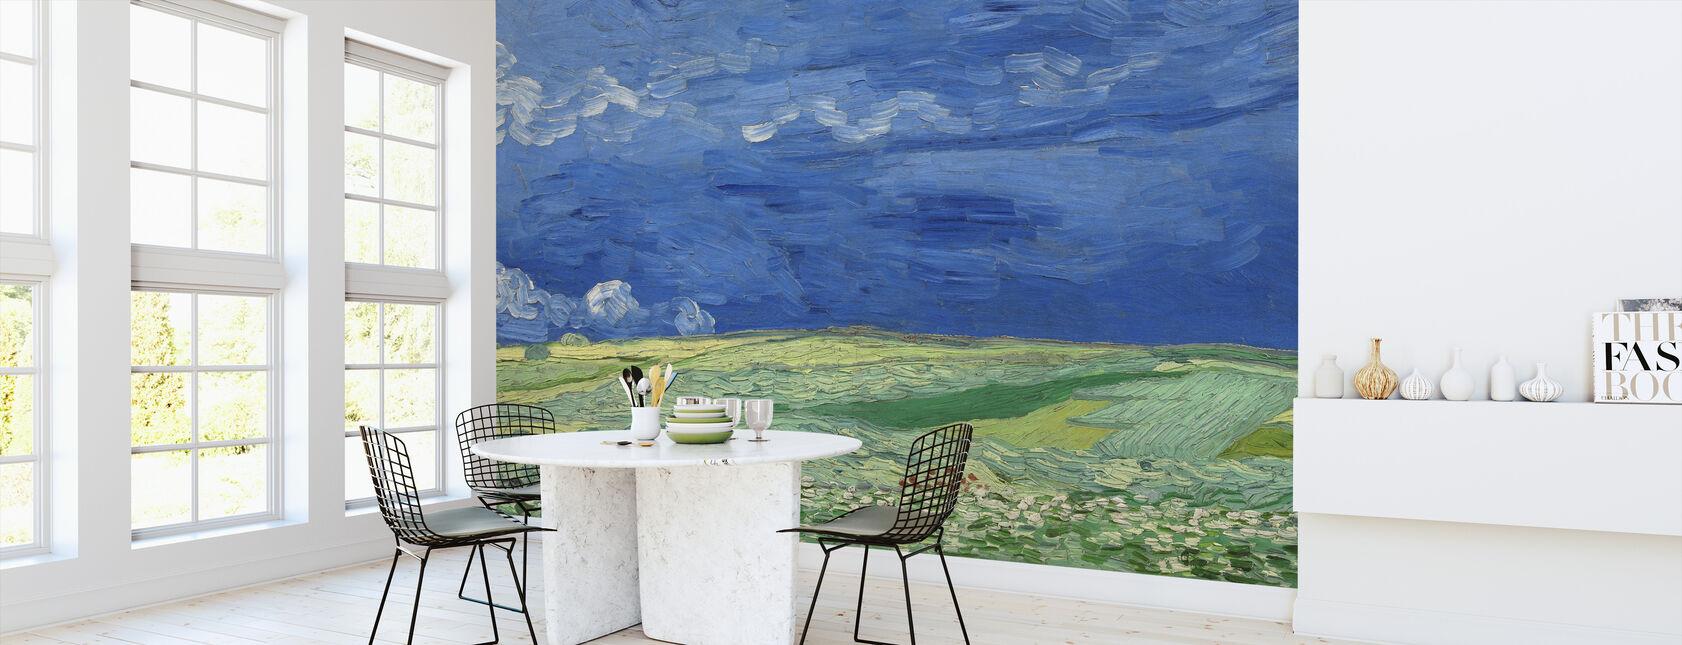 Wheatfield - Vincent Van Gogh - Wallpaper - Kitchen